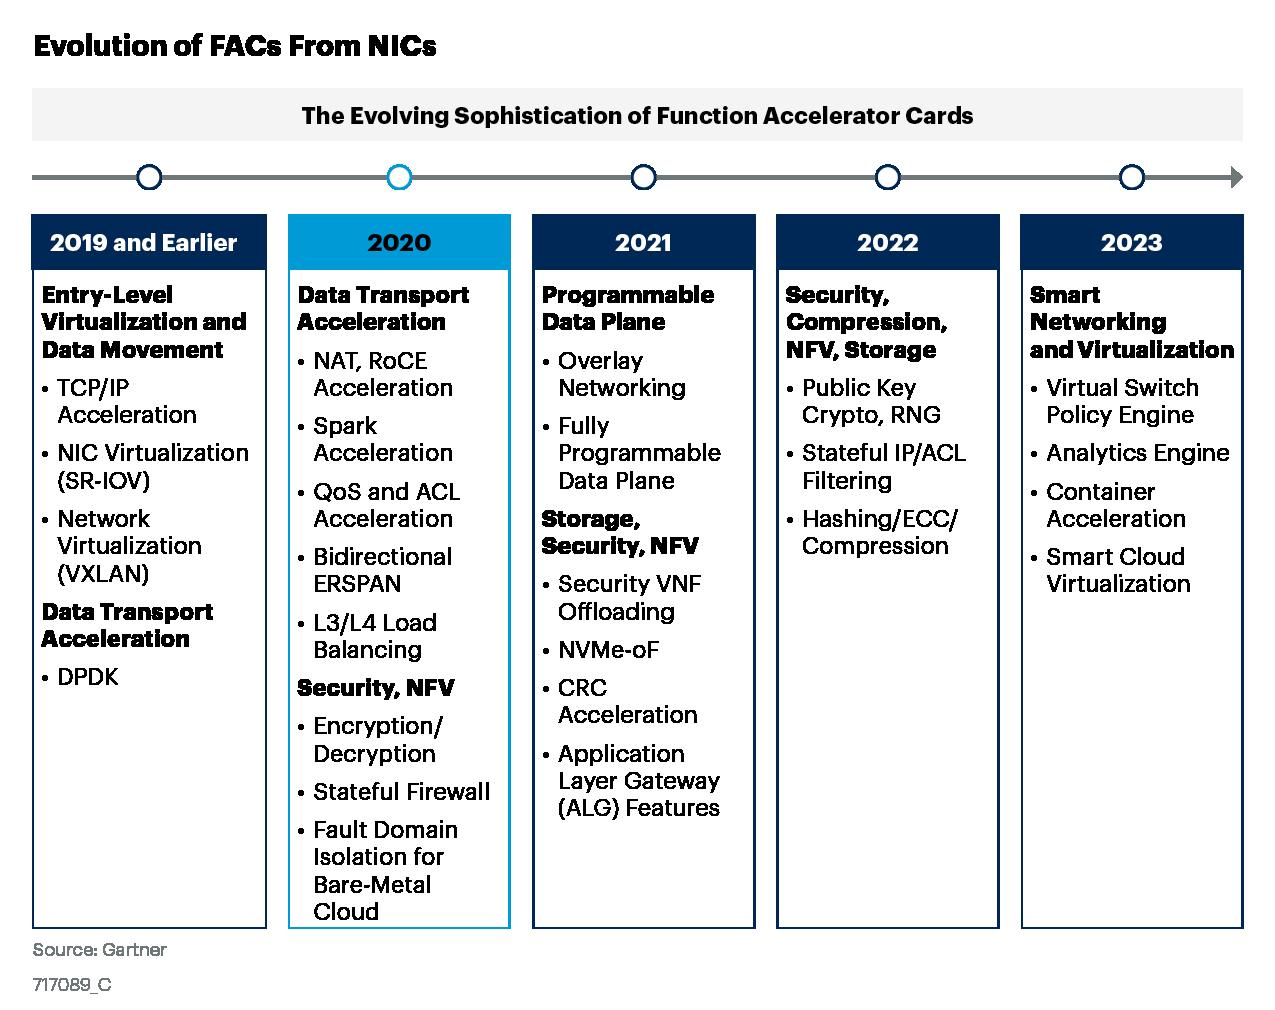 Evolution of FACs from NICs from Gartner